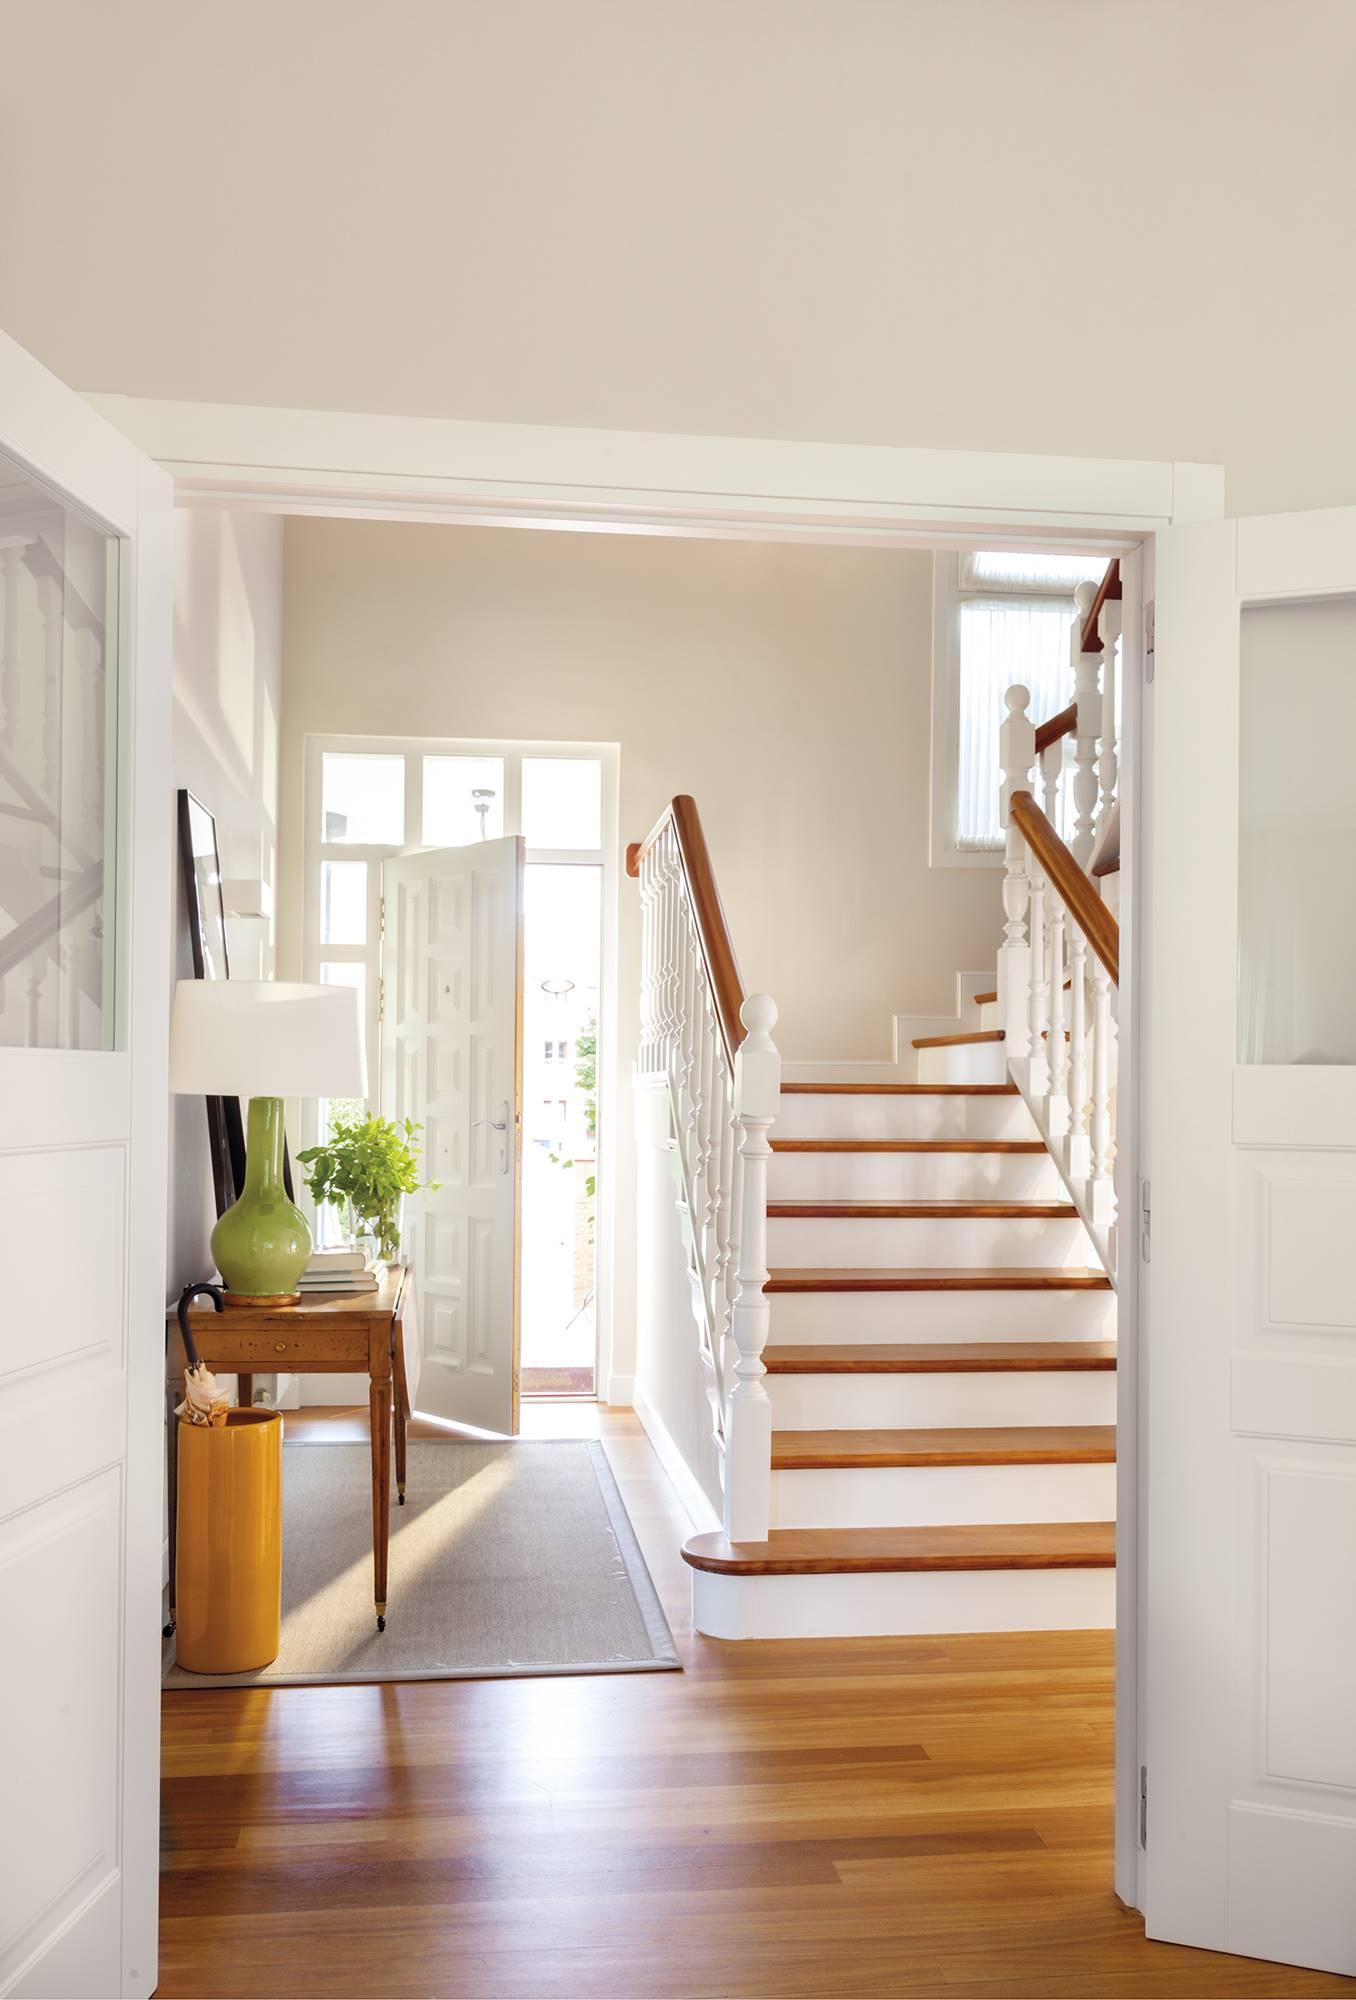 Antes y despu s el gran cambio de 4 casas que nos encantan for Construir una escalera de jardin de madera